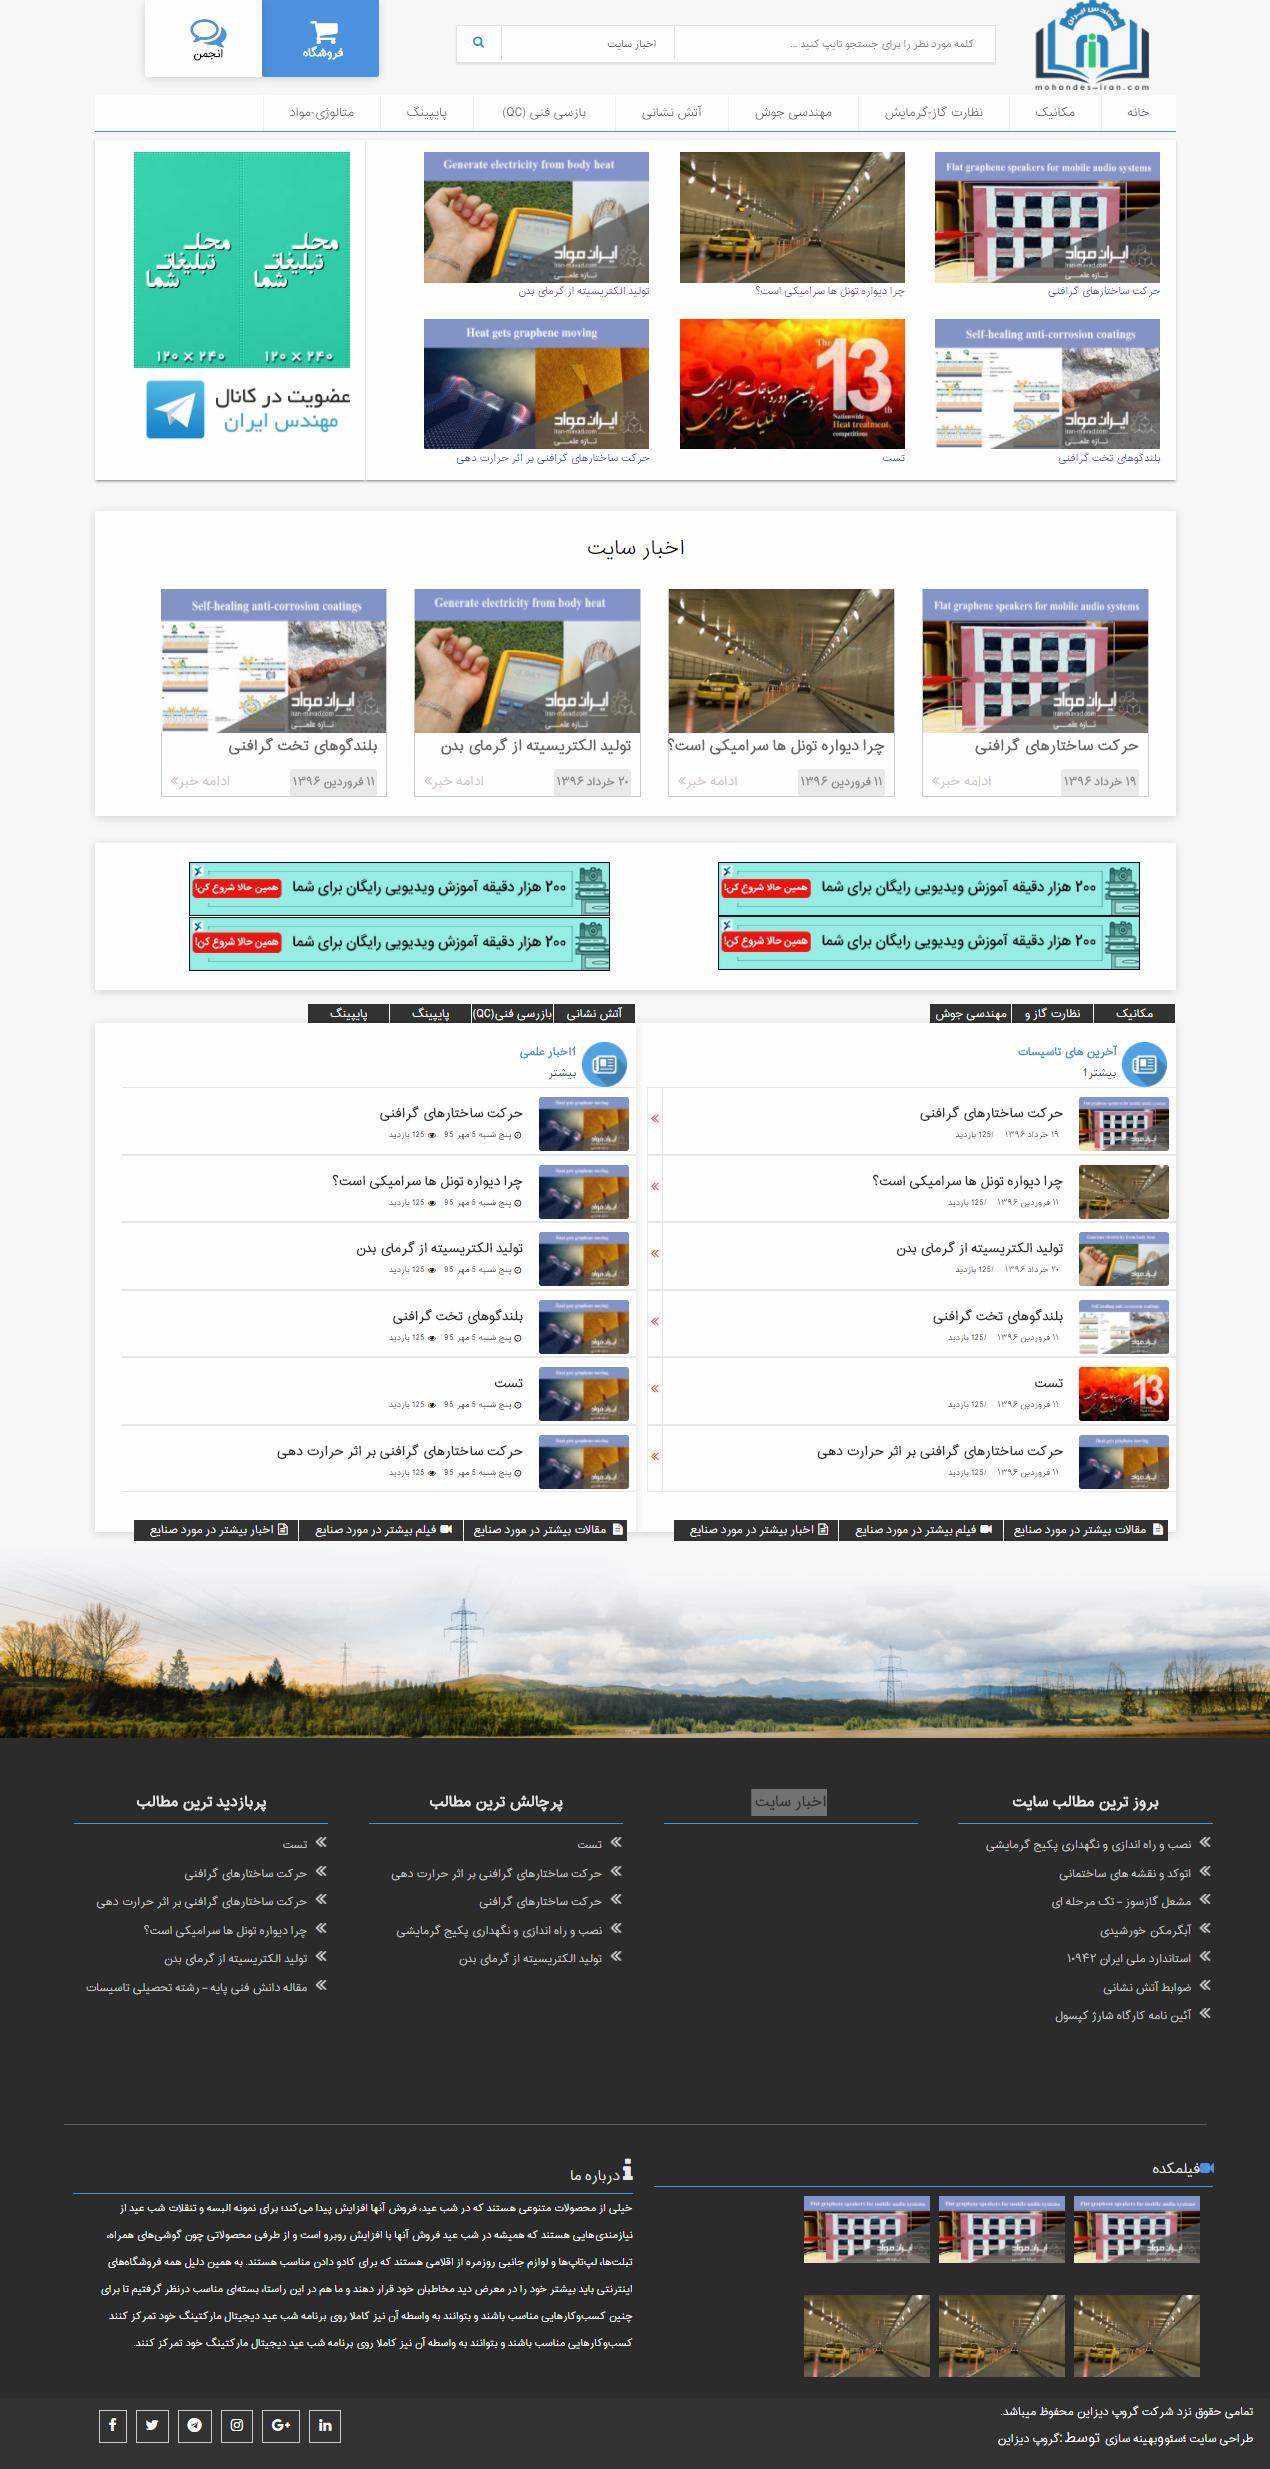 طراحی سایت مهندس ایران